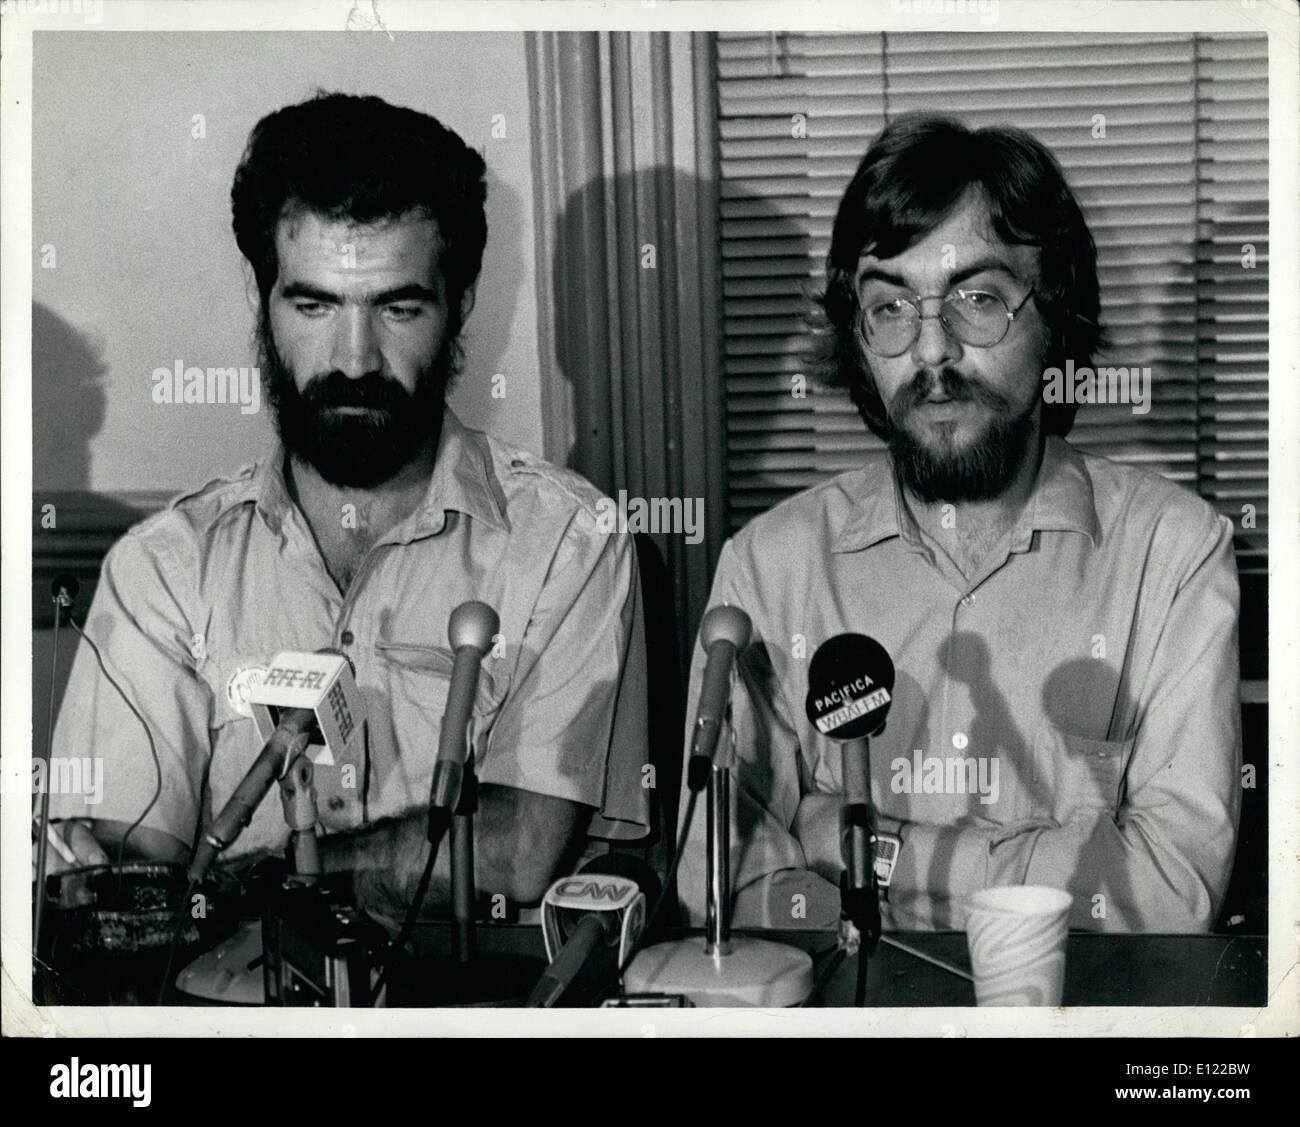 Juin 06, 1983 - Jeudi 30 juin 1983, la ville de New York. L'un des fondateurs de la paix soviétique indépendante Corp, Sergei, Batovrin a tenu sa première conférence de presse depuis son arrivée aujourd'hui de l'Union soviétique. M. Batovrin qui a contribué à fonder le groupe ''à la confiance établie entre l'URSS et les USA'' a été emprisonné pendant un mois à l'hôpital psycho nuerological #114 à Moscou l'année dernière et a été constamment harcelé par les autorités soviétiques jusqu'à son expulsion forcée le 19 juin de cette année. M. Batovrin, un artiste, a été rejoint à la conférence de presse avec un autre membre fondateur du groupe Mr Photo Stock